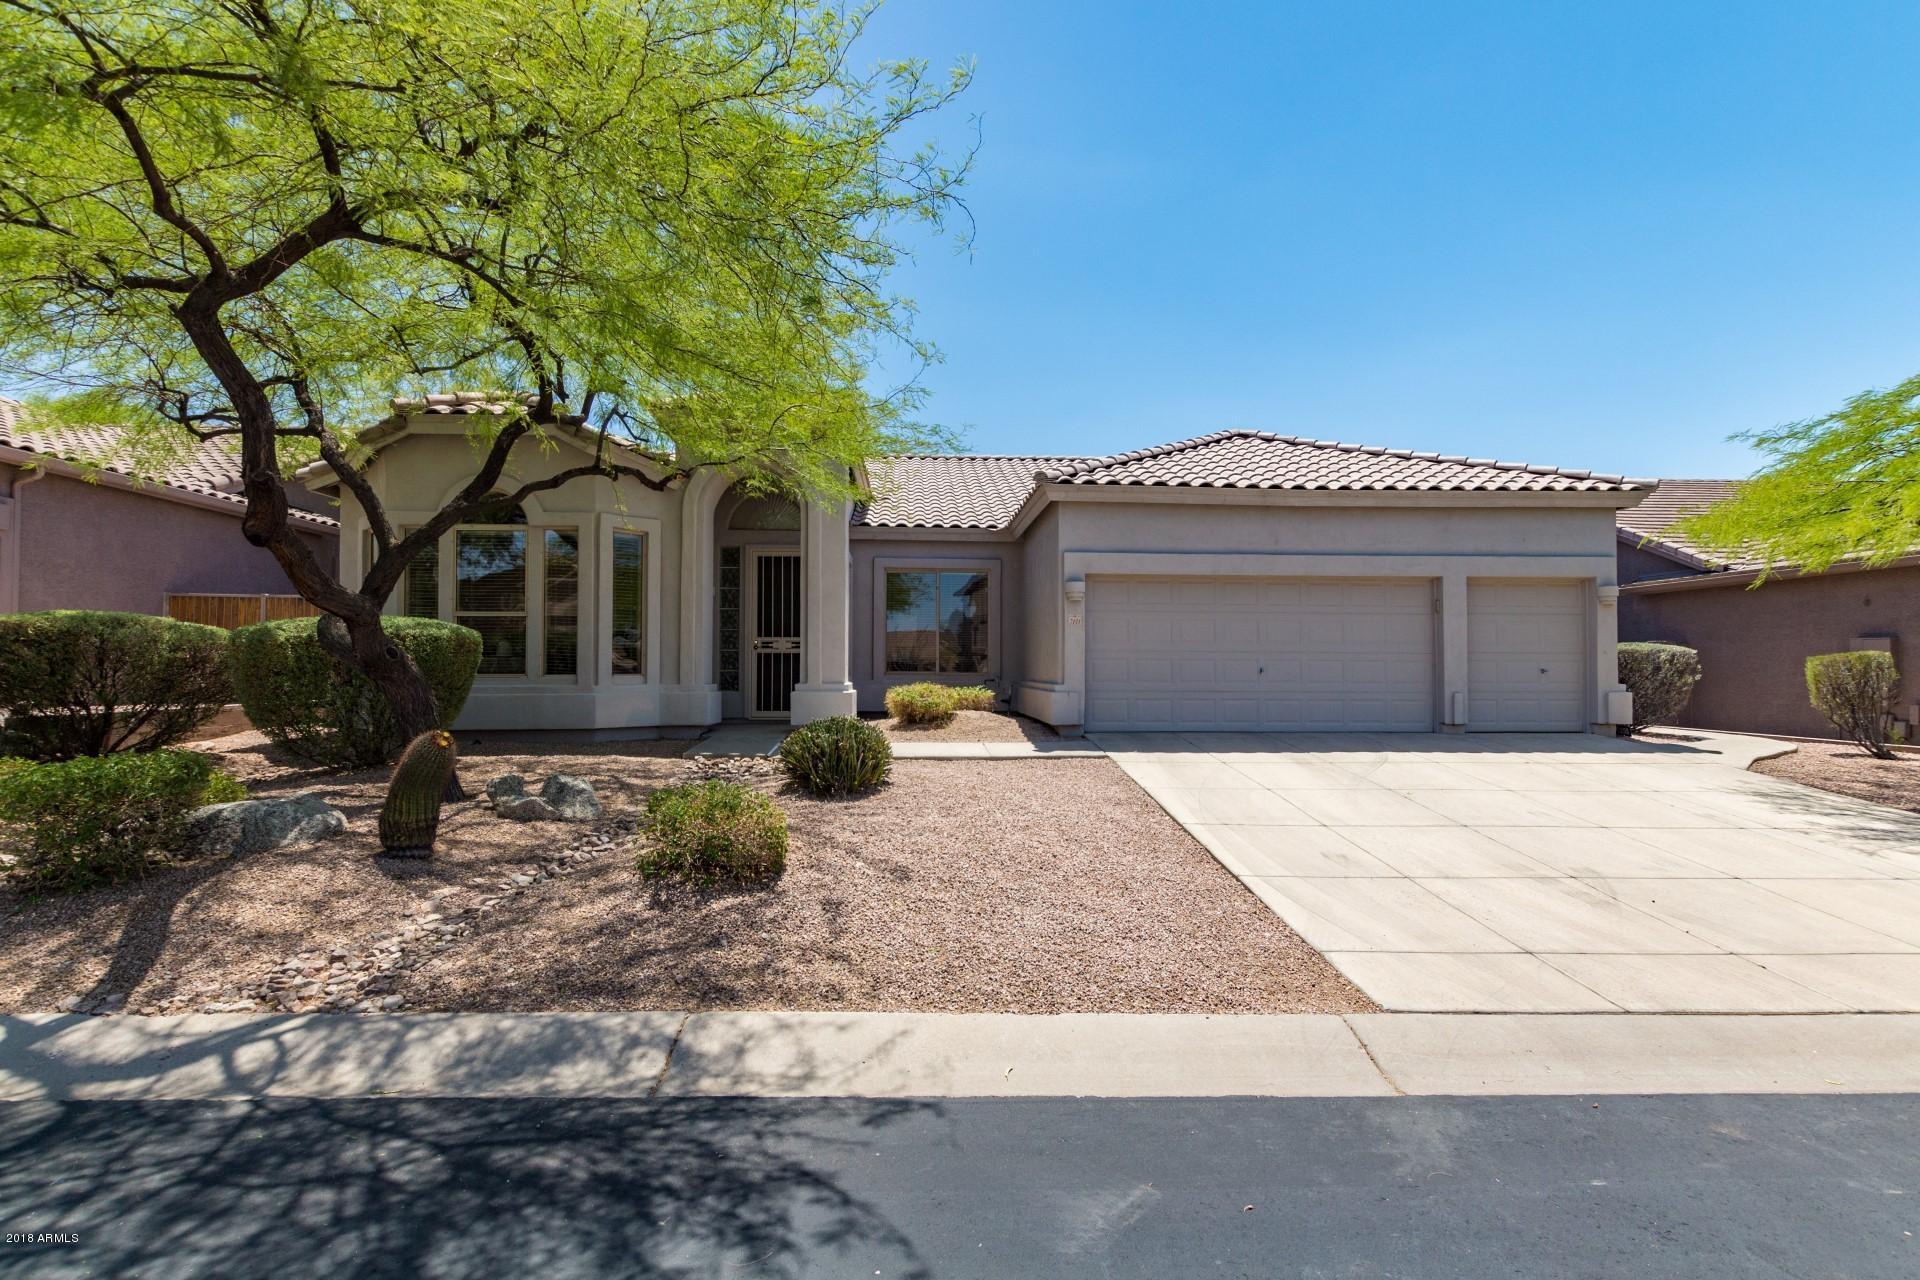 Photo of 7141 E Quartz Street, Mesa, AZ 85207